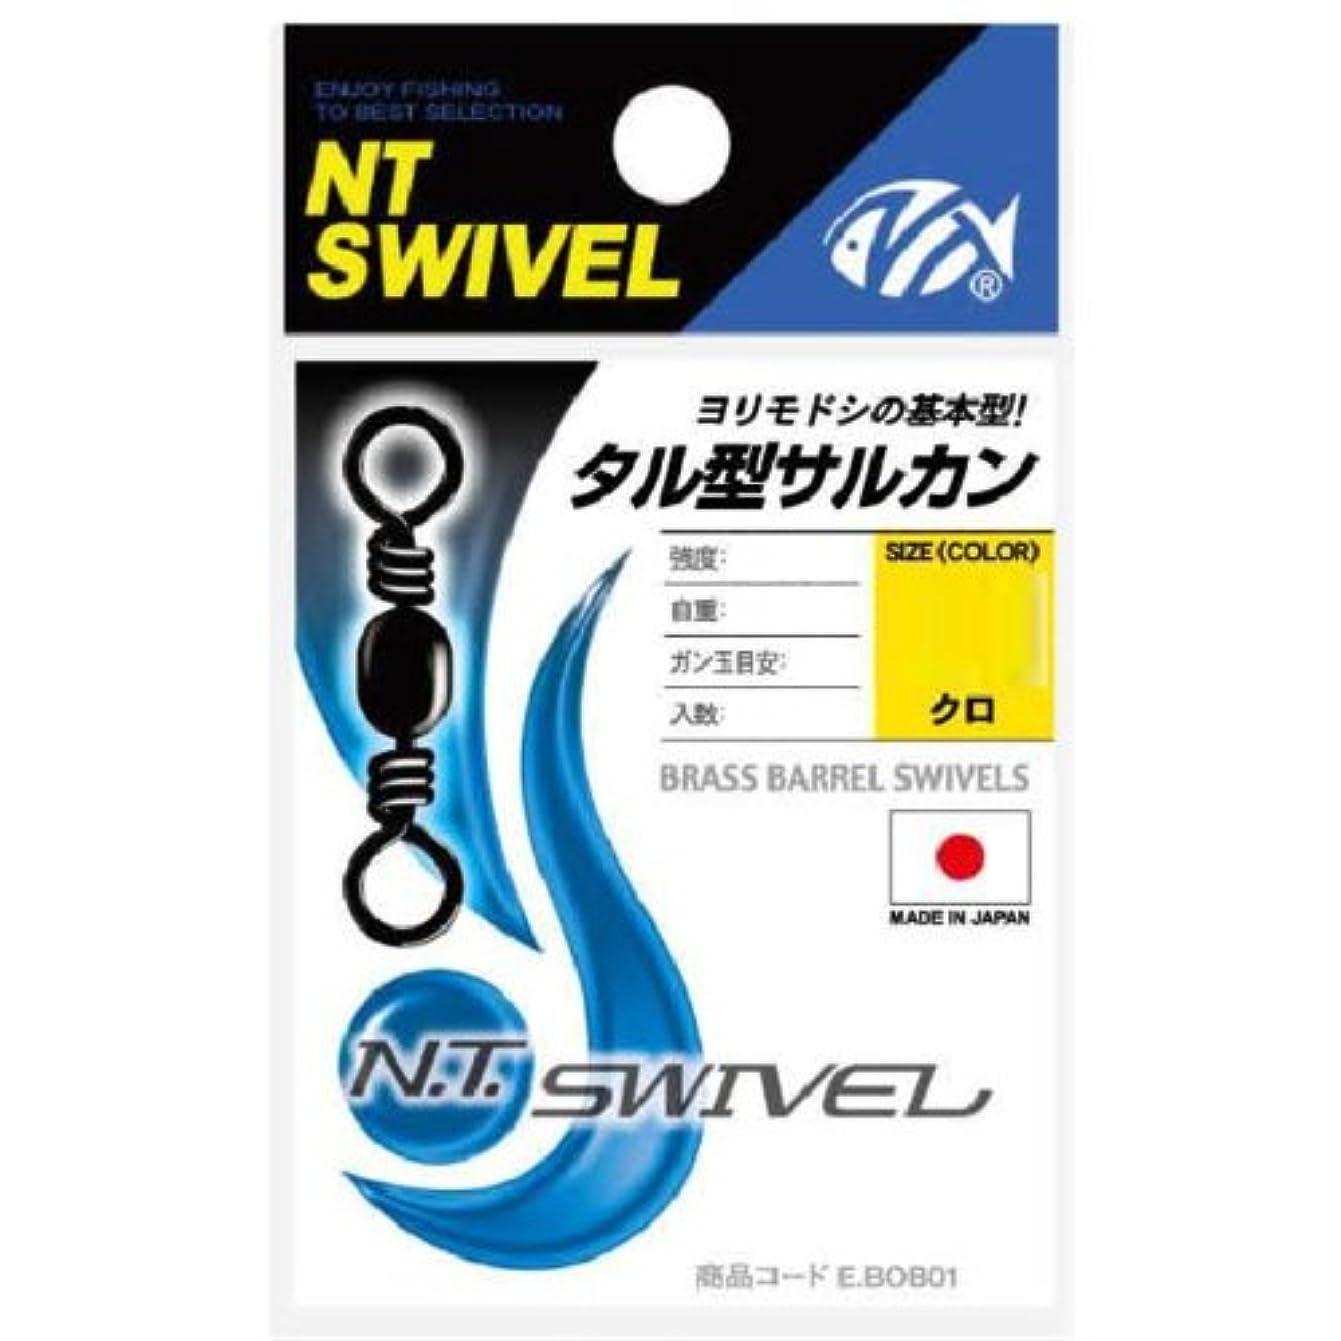 ガードレール確立しますNTスイベル(N.T.SWIVEL) タル型サルカン クロ # 18